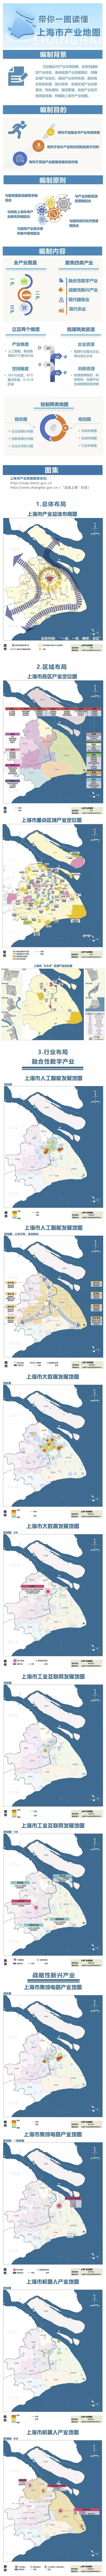 101张地图!《上海市产业地图》公布,上海未来产业布局一次看懂→